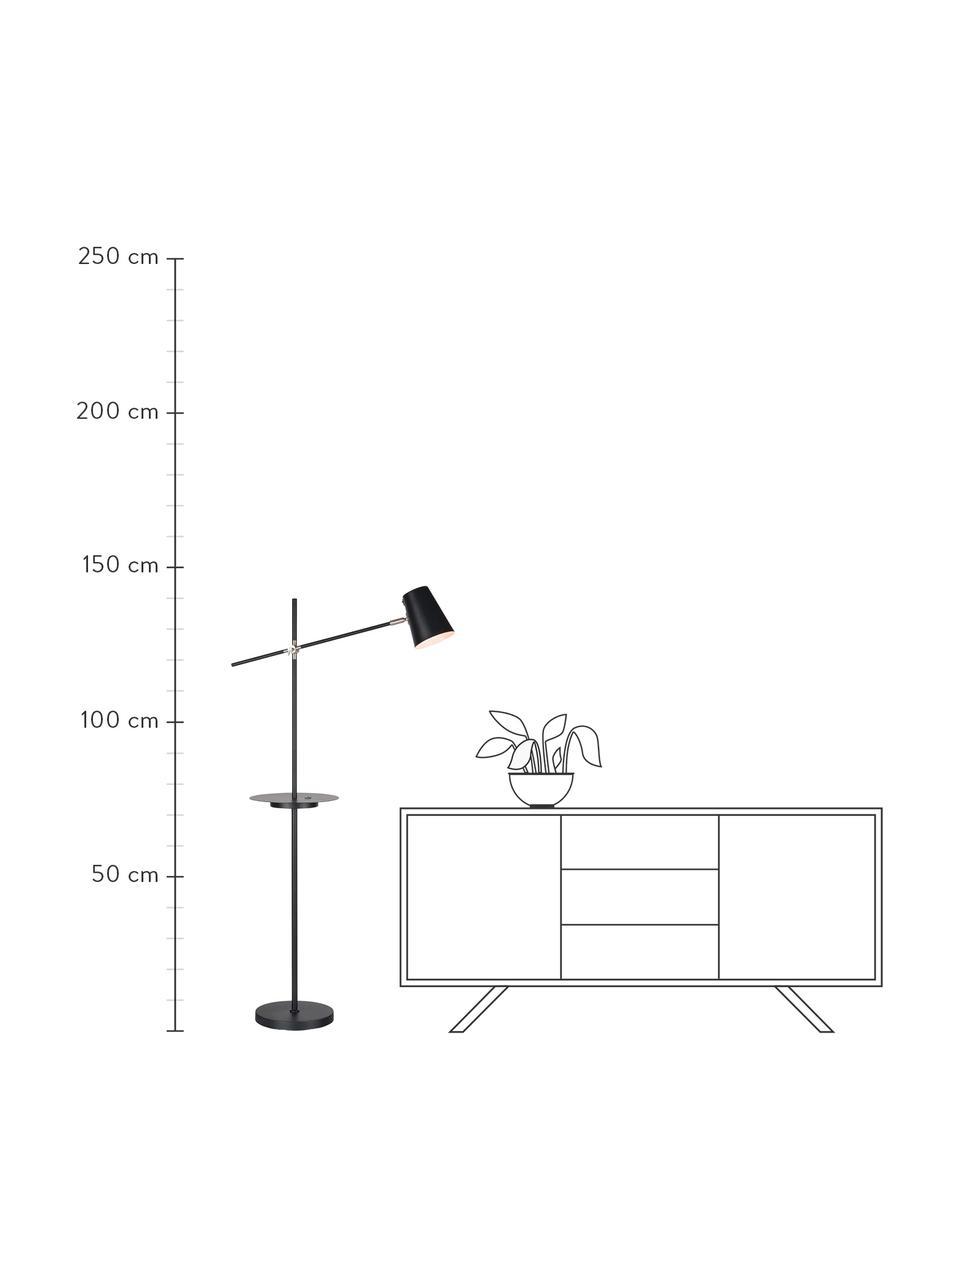 Leselampe Linear mit Ablage und Ladestation, Lampenschirm: Metall, beschichtet, Lampenfuß: Metall, beschichtet, Dekor: Stahl, gebürstet, Schwarz, T 65 x H 144 cm